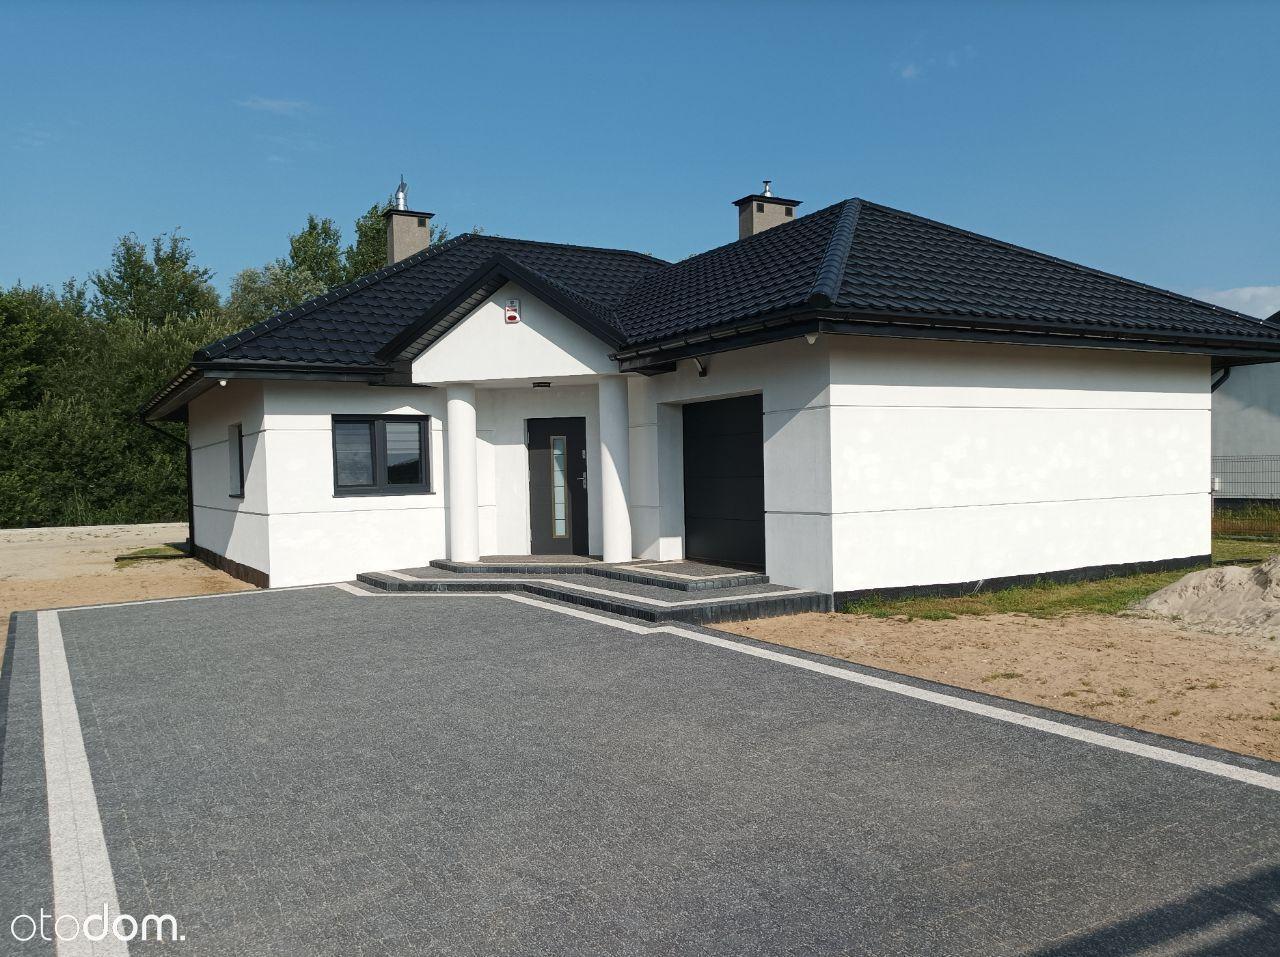 Nowy piękny dom kompletnie wykończony i wyposażony